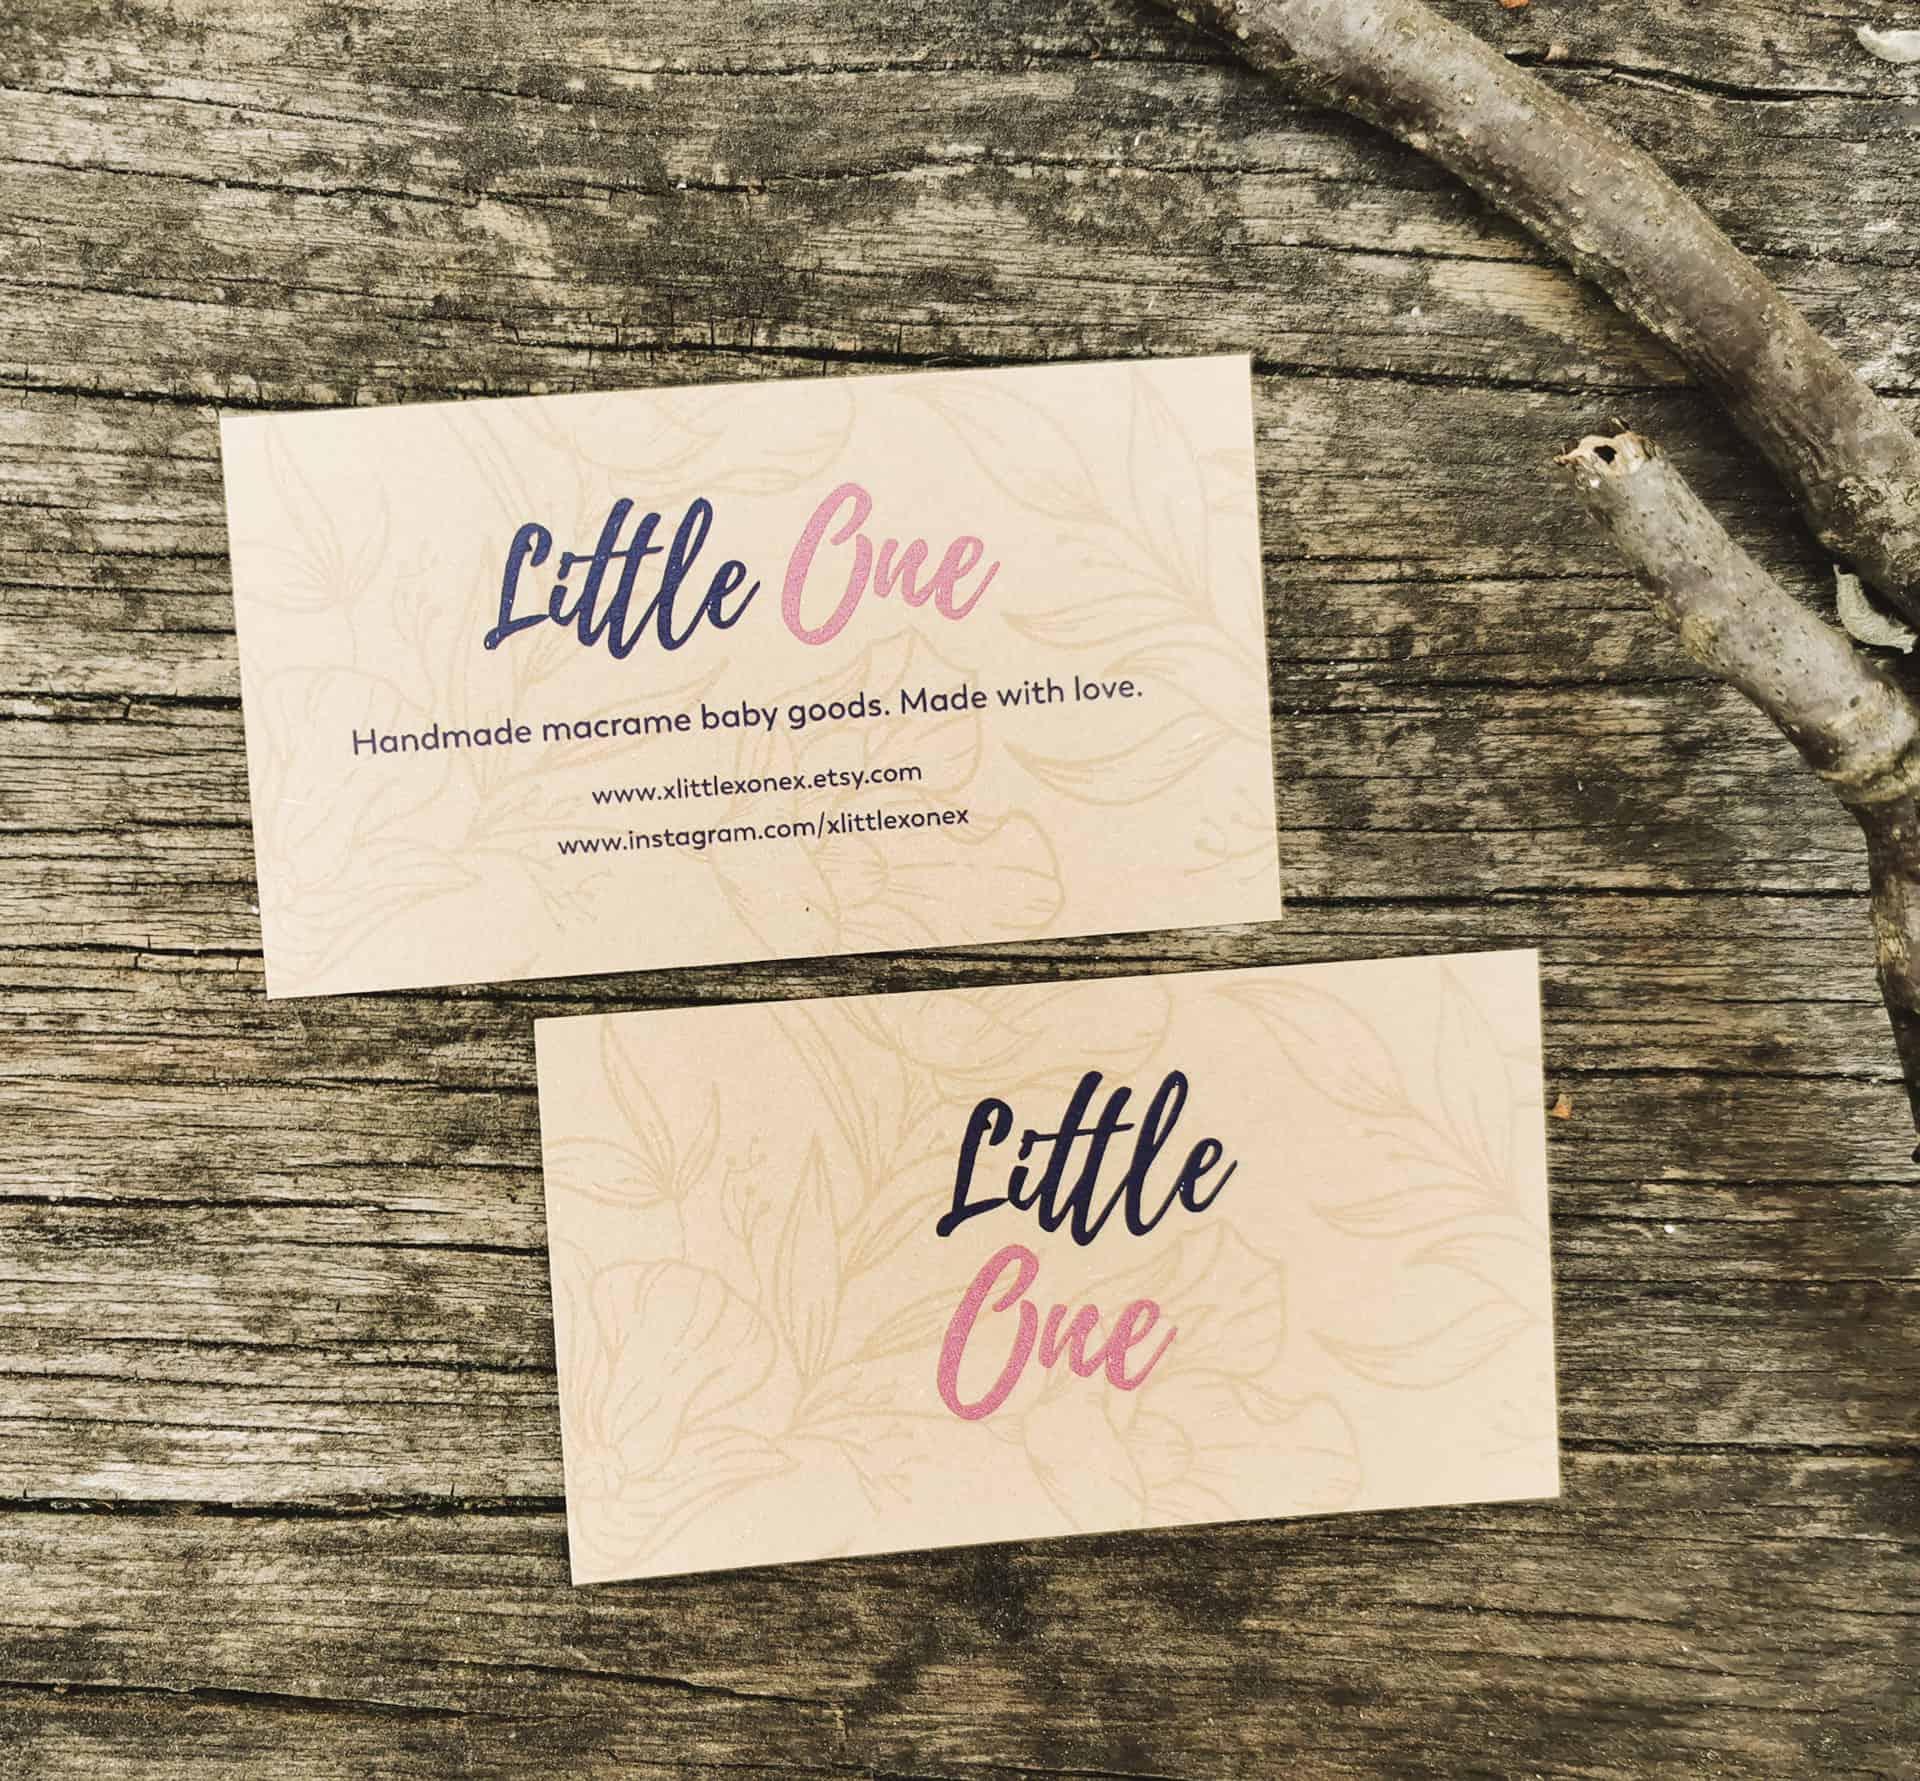 wizytówki ekologiczne dla firmy Little One